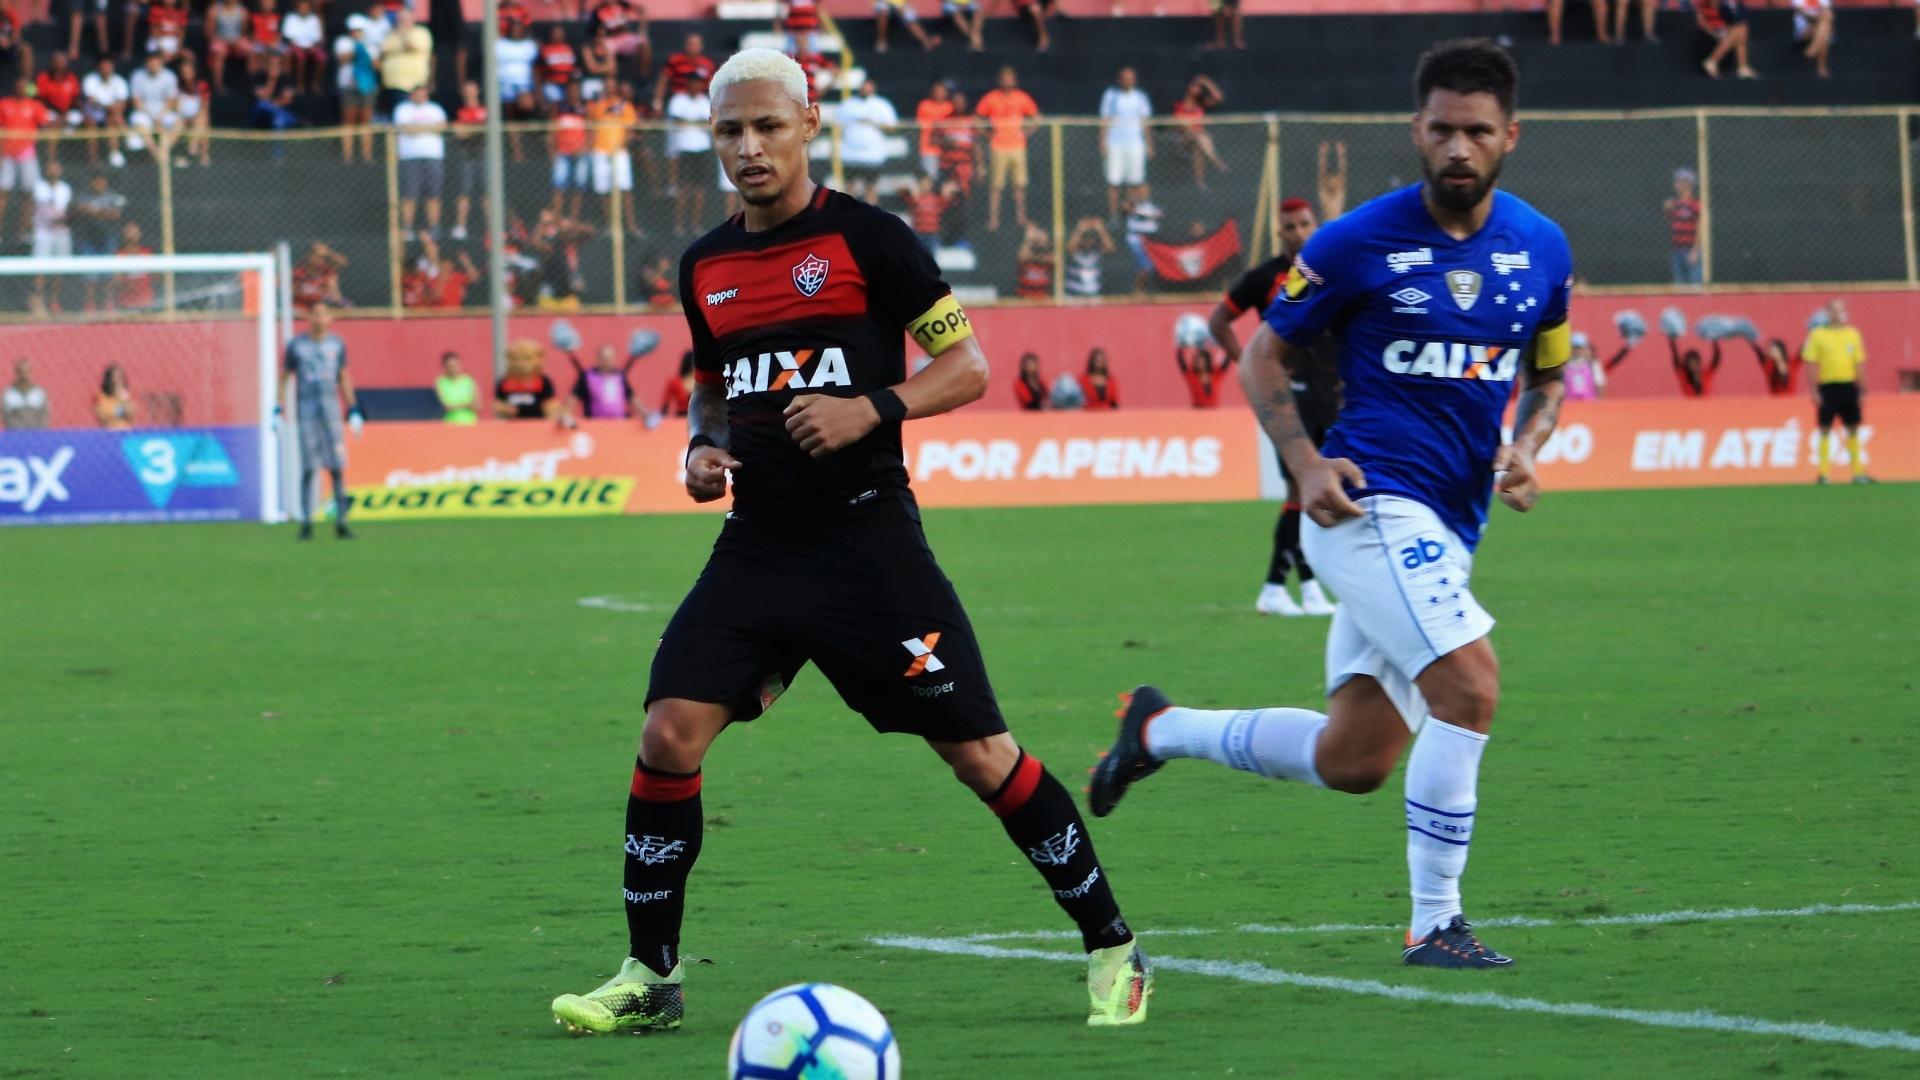 Neilton protege bola na partida entre Vitória e Cruzeiro no Barradão pelo Campeonato Brasileiro 2018